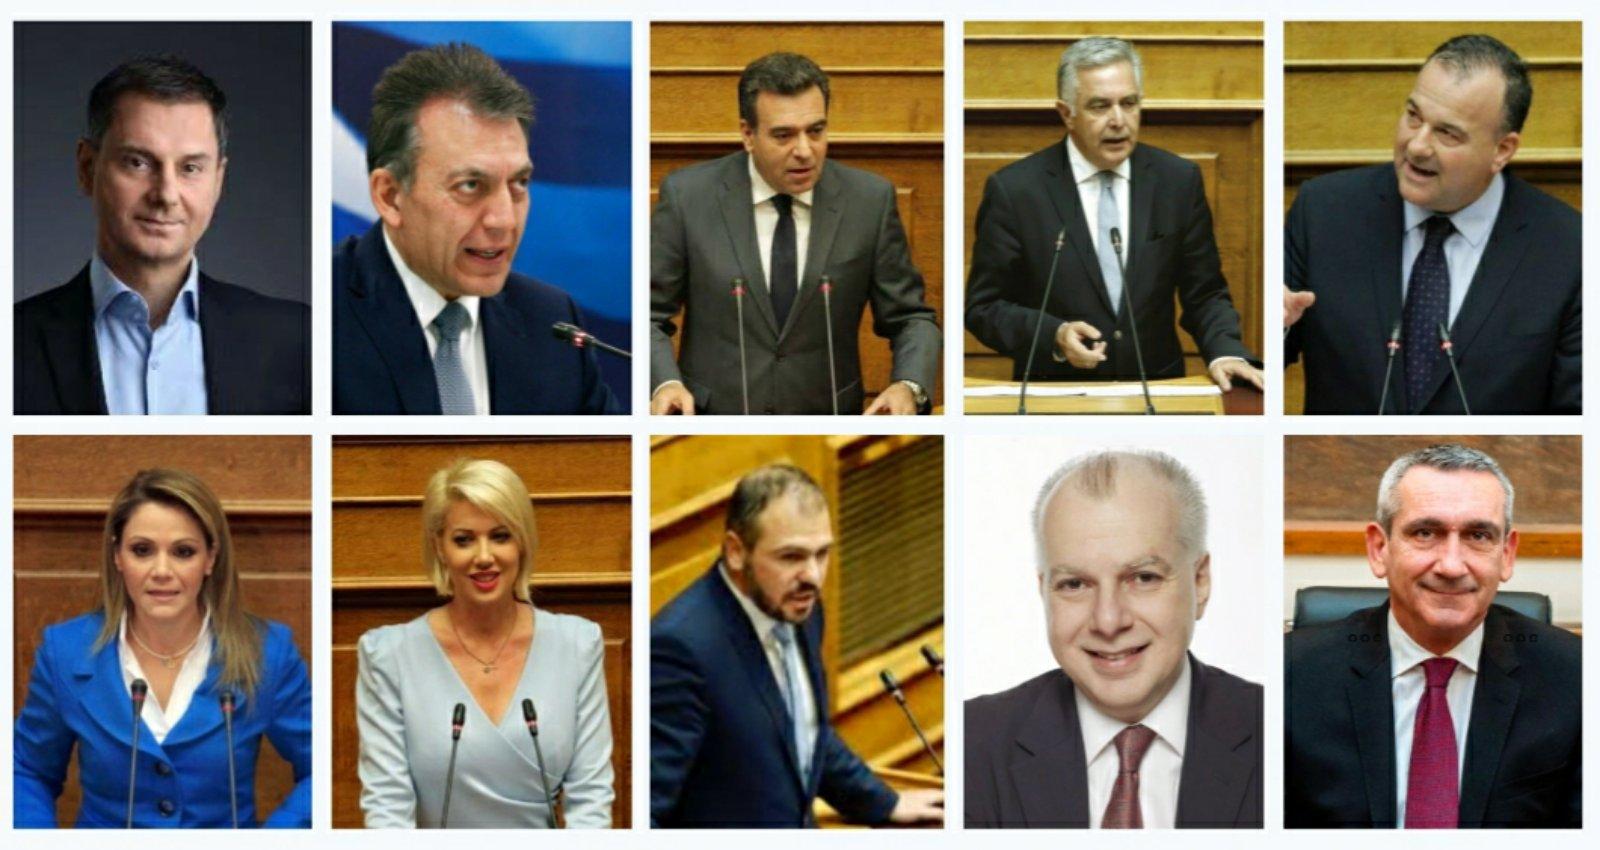 Τηλεδιάσκεψη Βουλευτών, Προέδρου Π.Ε.Δ. και Περιφερειάρχη Νοτίου Αιγαίου με Υπουργείο Τουρισμού